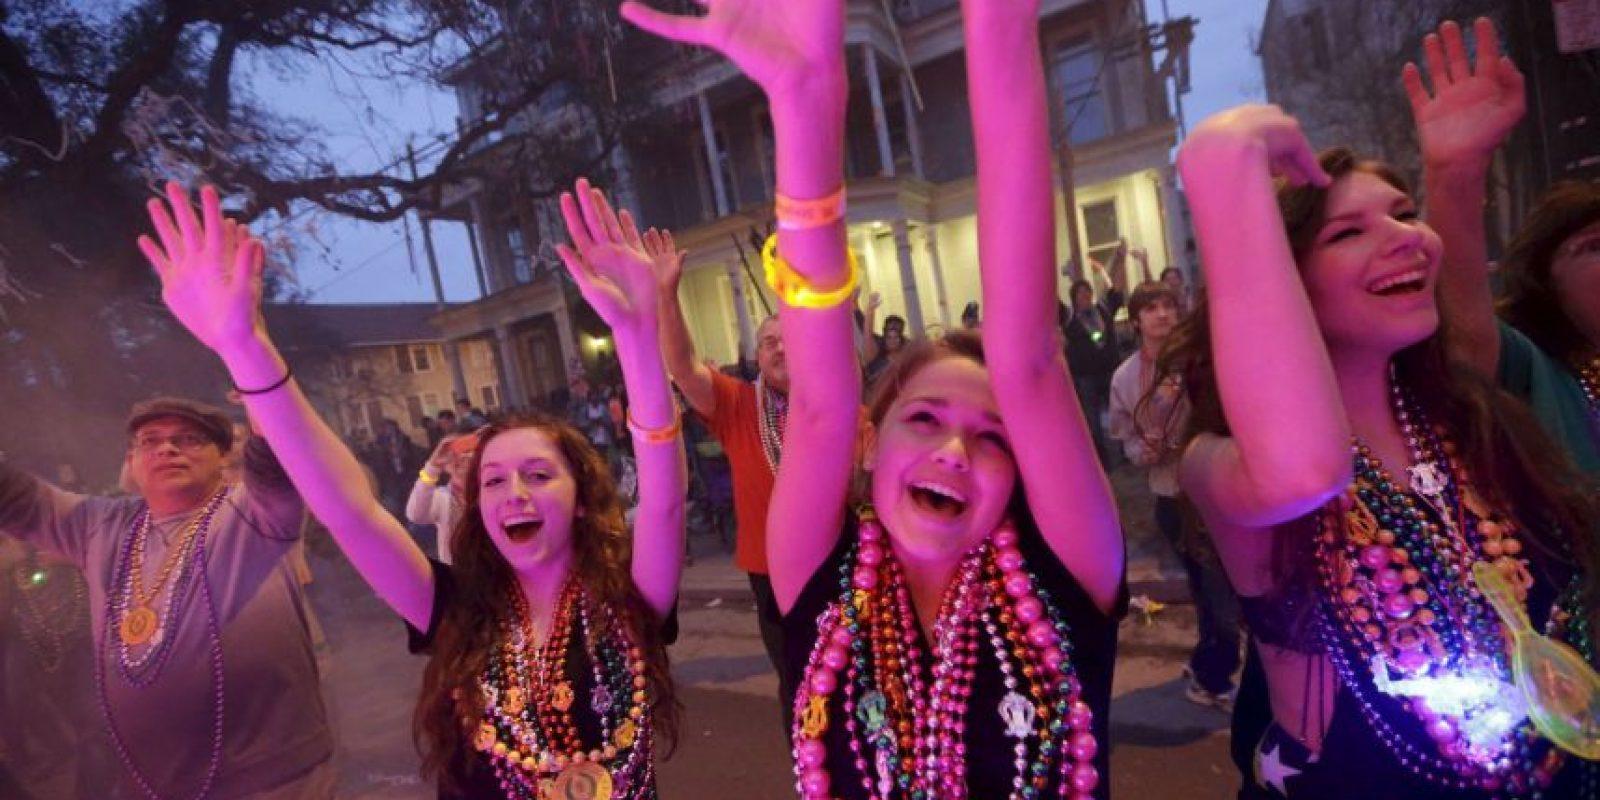 Mardi Gras se refiere a Fat Tuesday, el último día de fiesta antes del Miércoles de Ceniza, comienza cuando la Cuaresma. Foto:AP